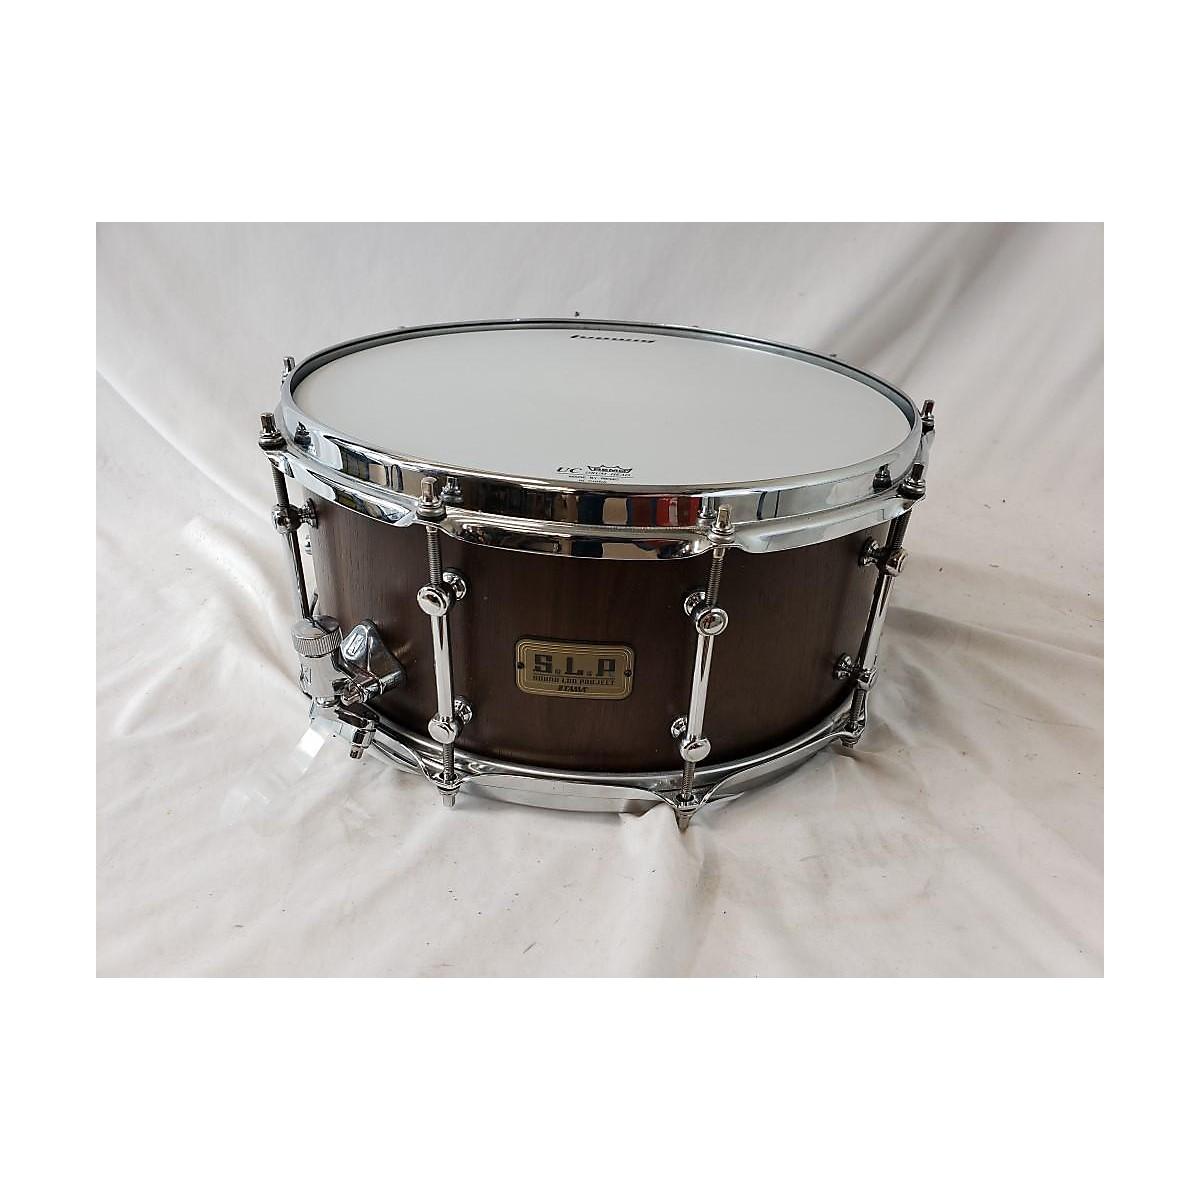 TAMA 6.5X14 S.L.P. Walnut Drum